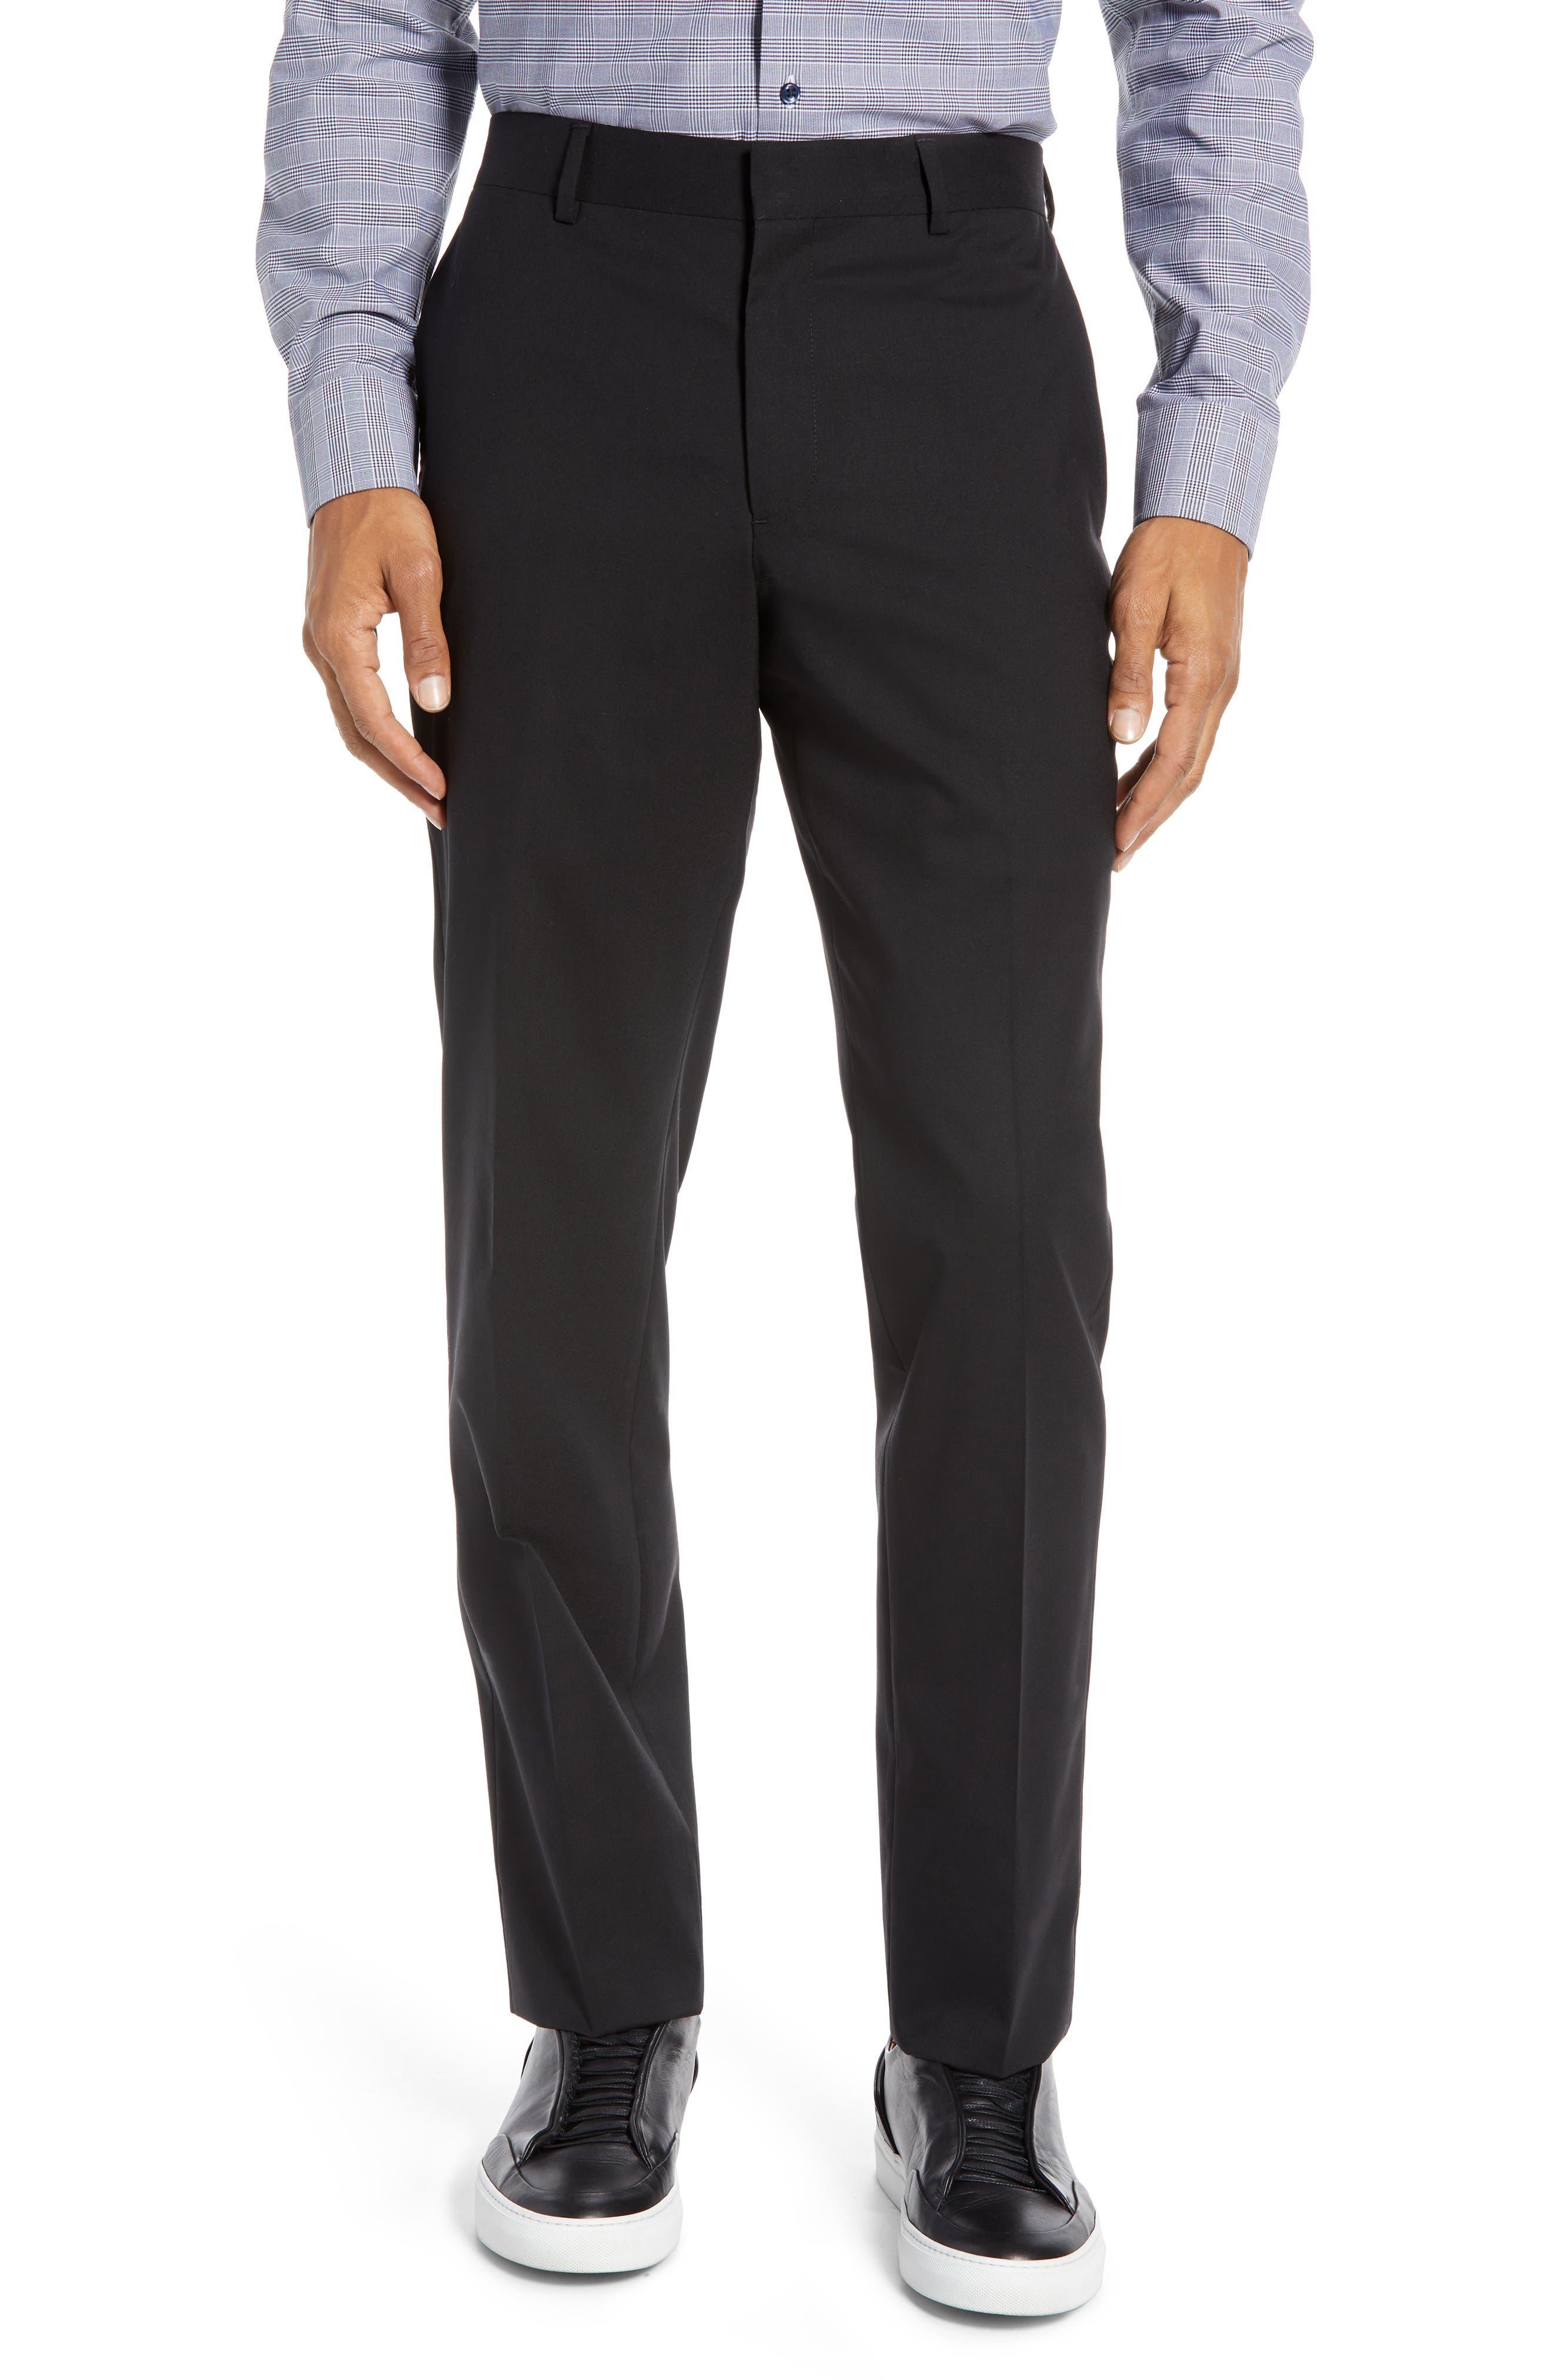 NORDSTROM MEN'S SHOP,                             Tech-Smart Trim Fit Stretch Wool Travel Trousers,                             Main thumbnail 1, color,                             BLACK